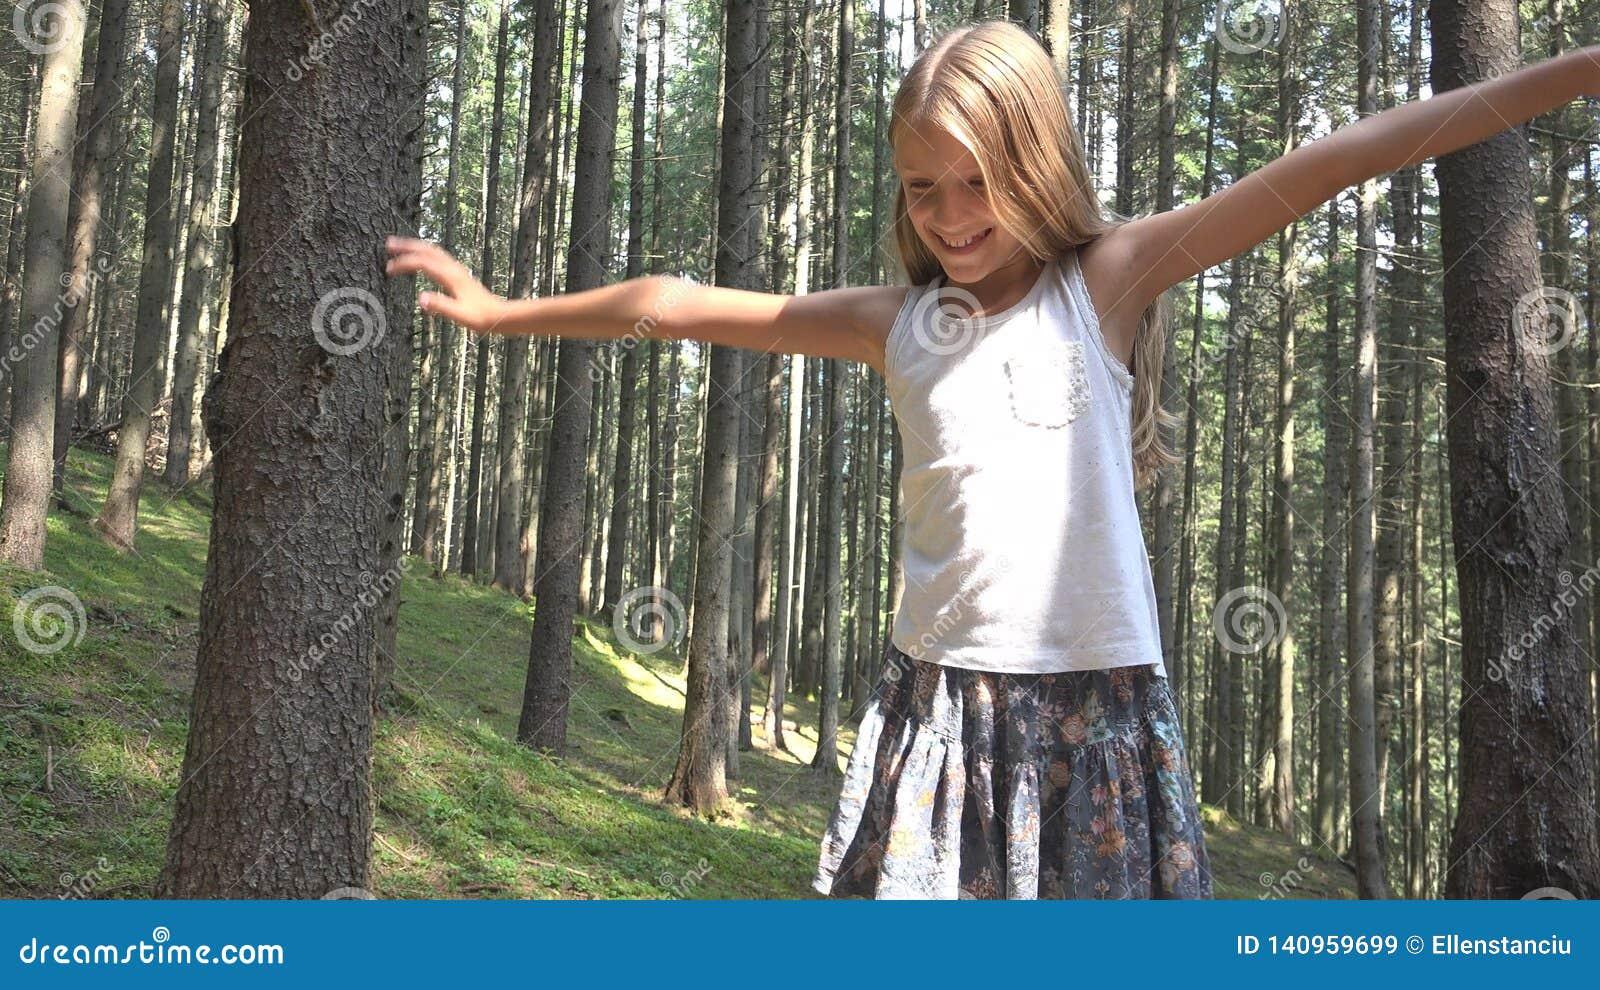 Kind in Forest Walking Tree Log Kid-het Spelen het Kamperen het Openluchthout van het Avonturenmeisje